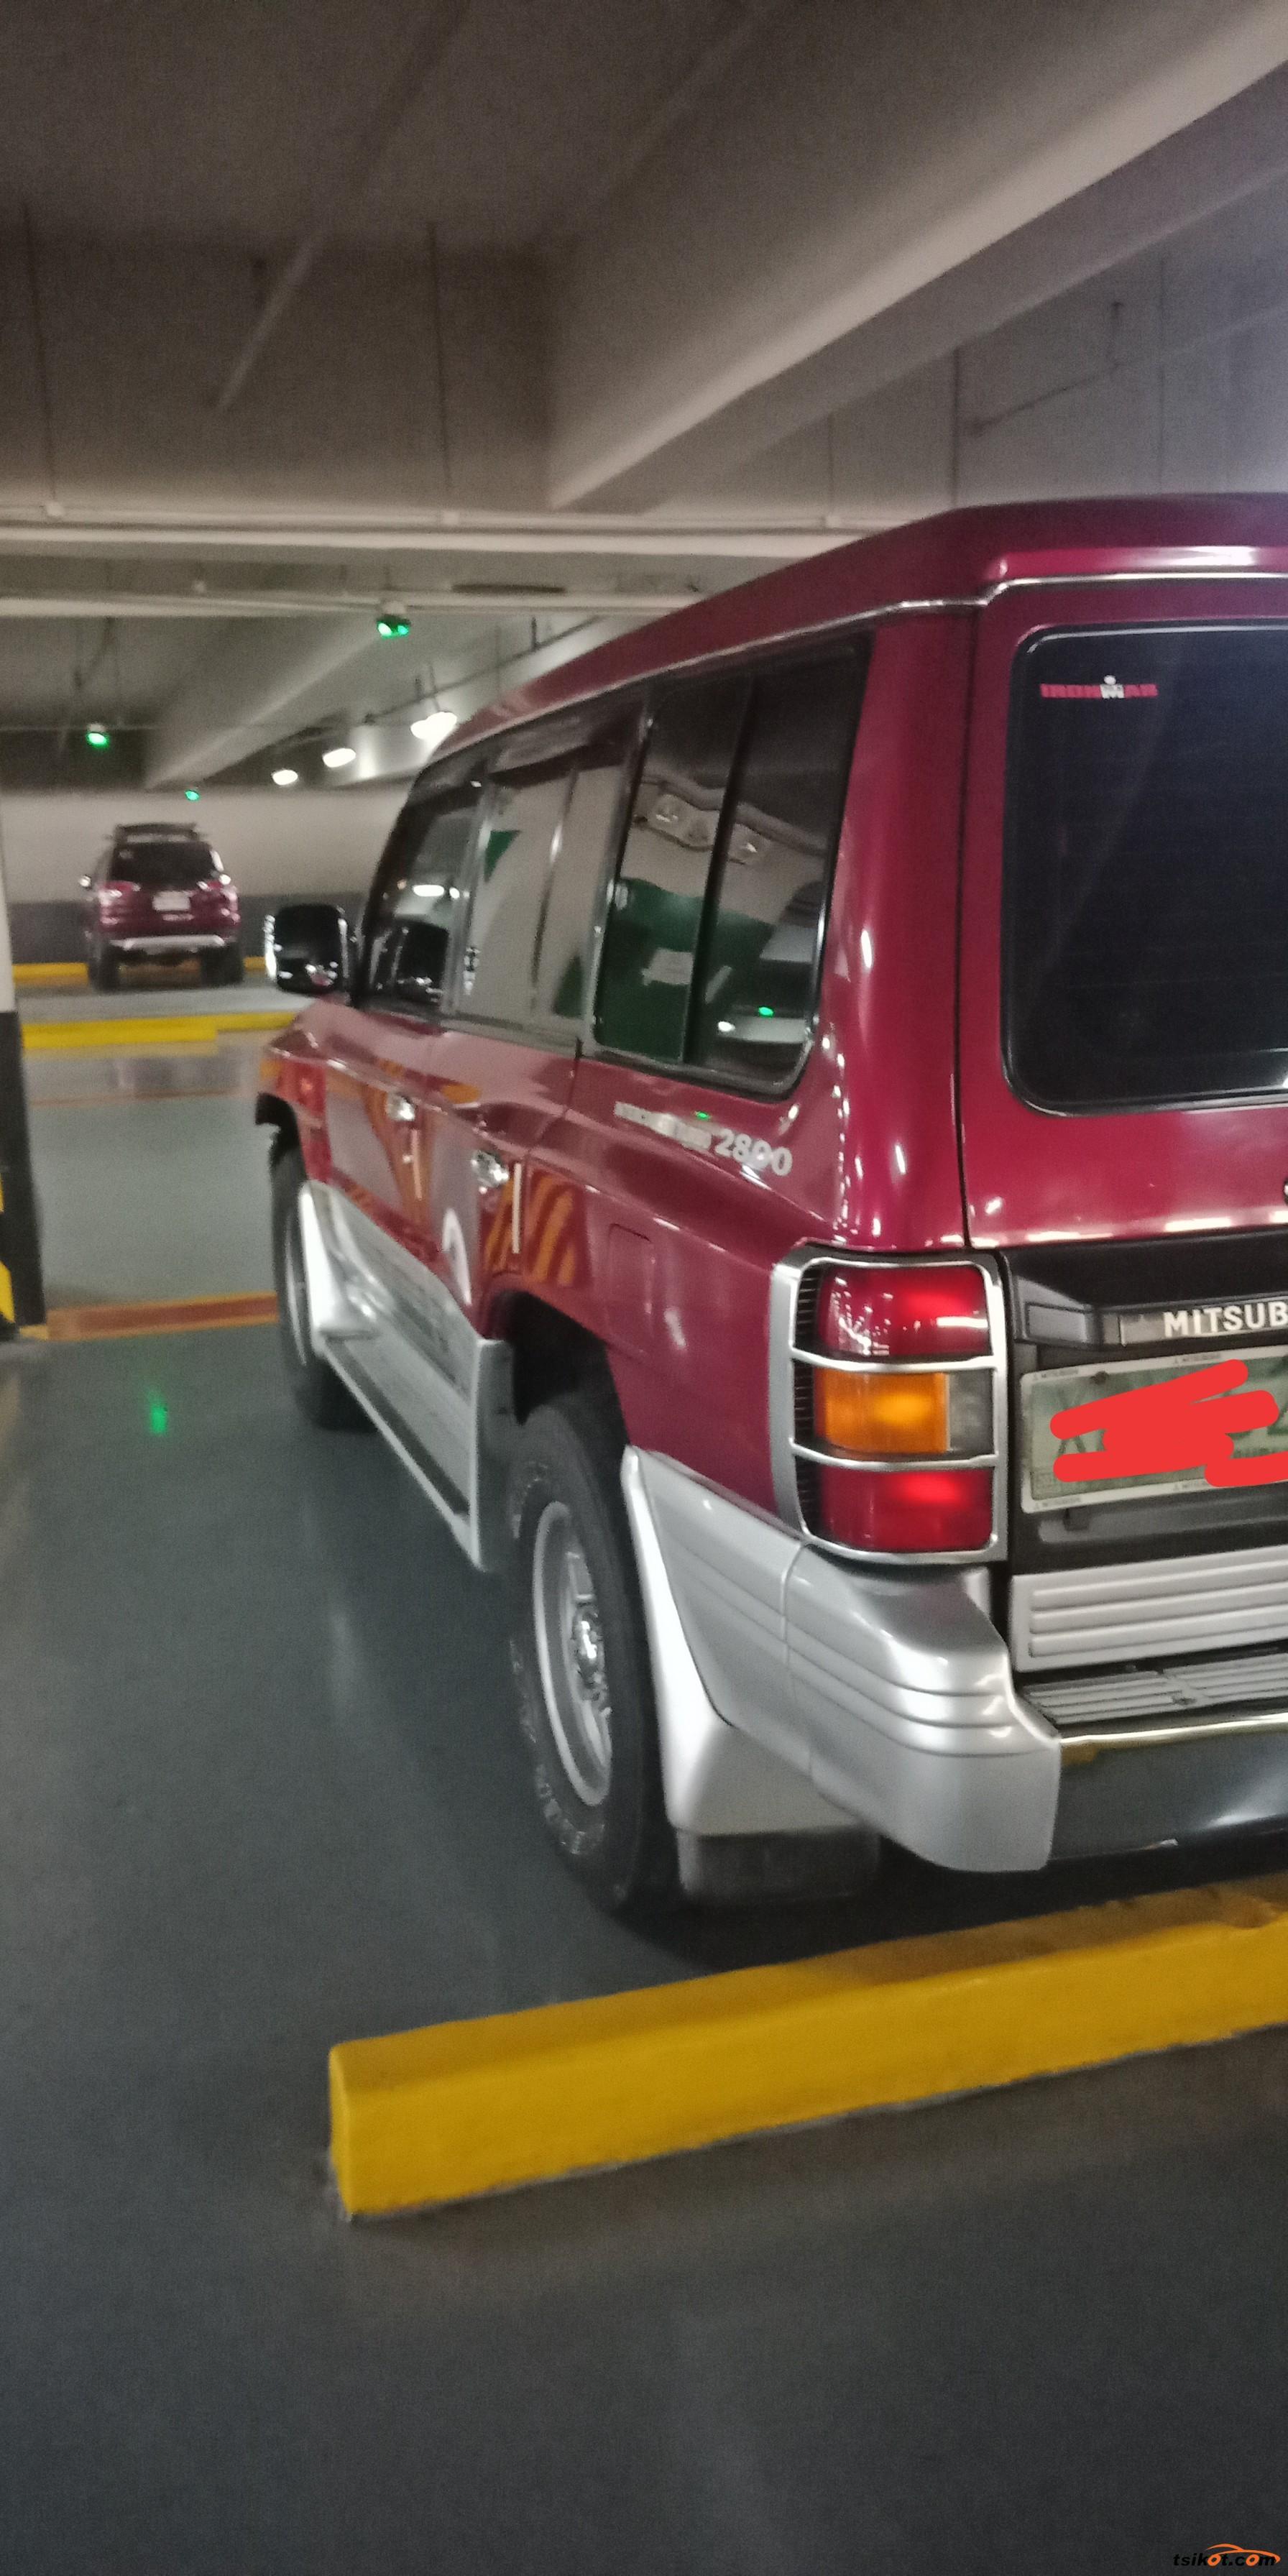 Mitsubishi Pajero 2004 - 3